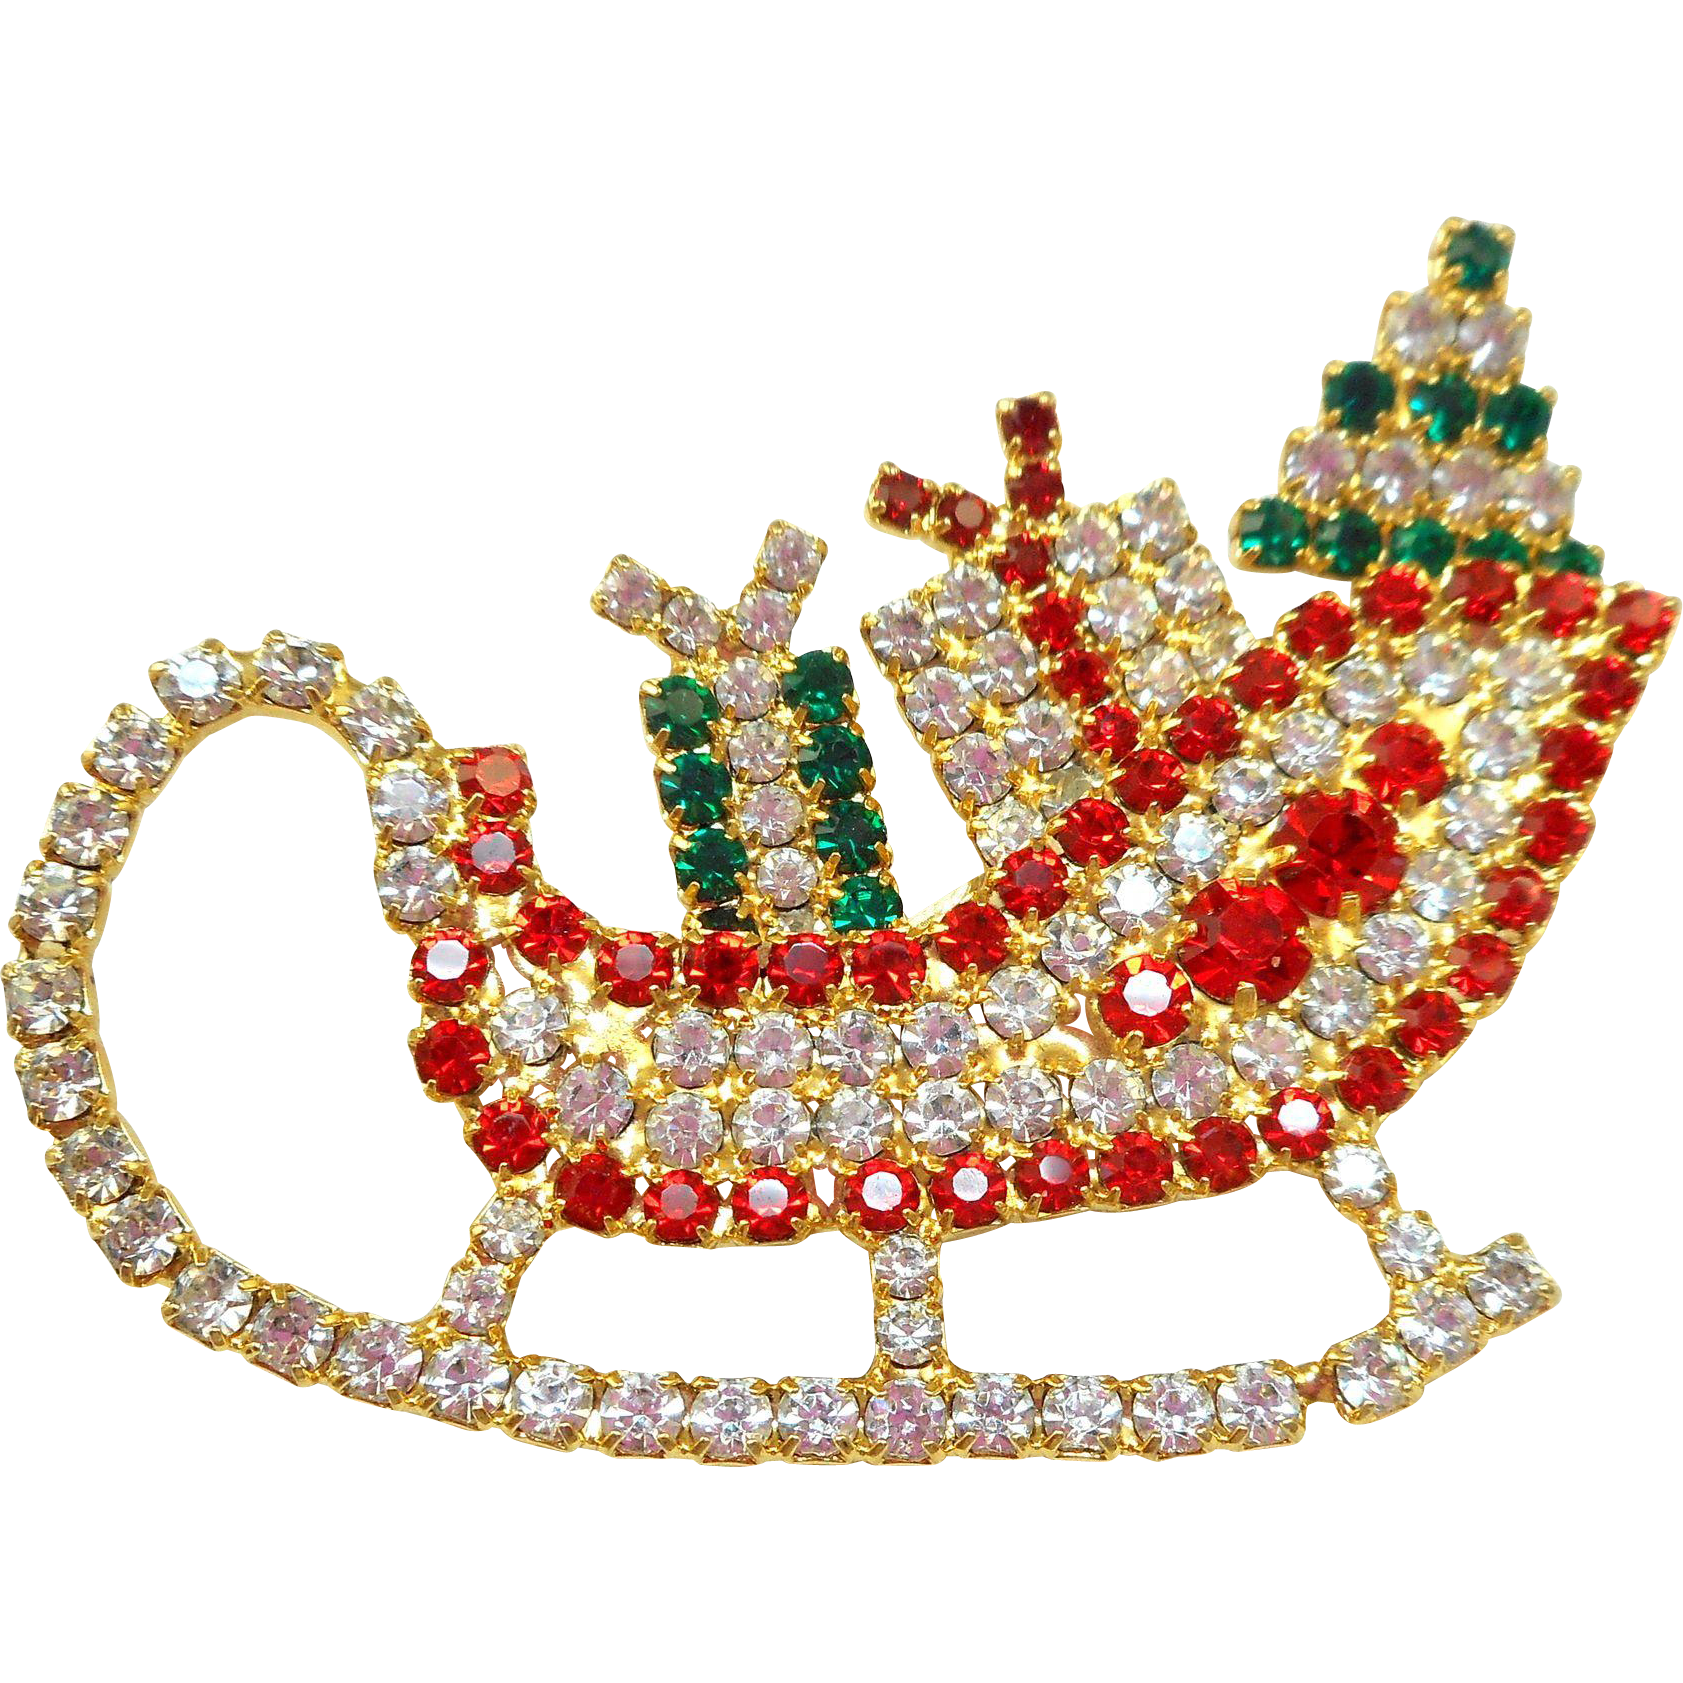 Vintage Christmas Sleigh Pin